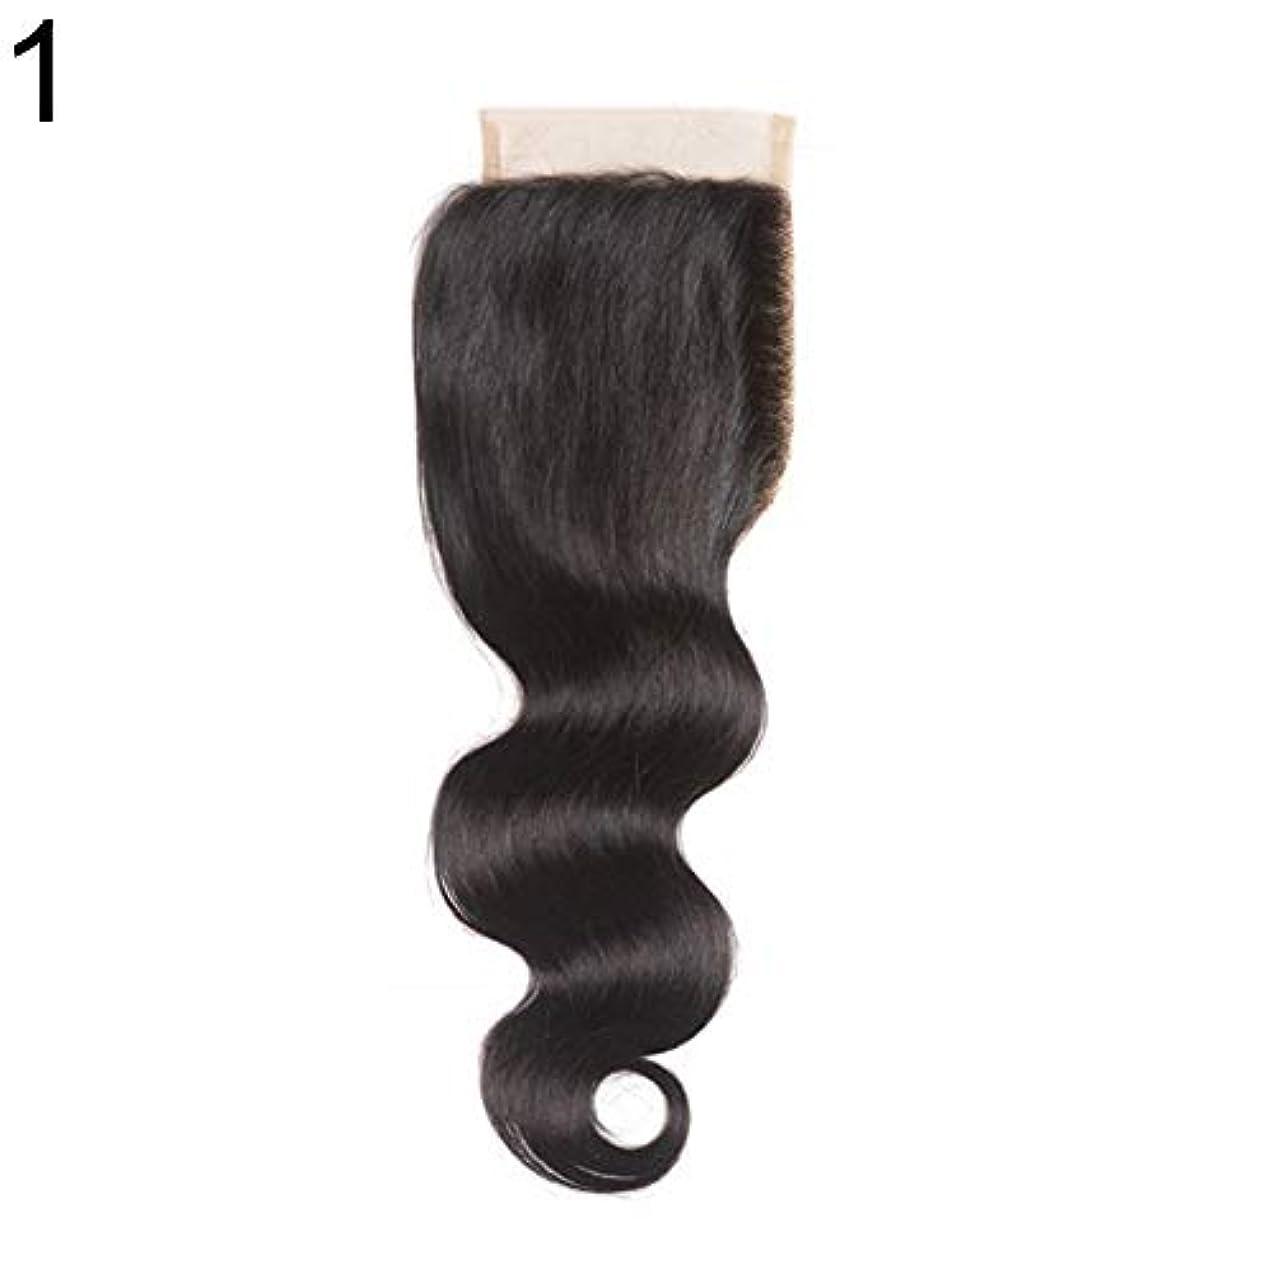 ホームホイッスルメダリストslQinjiansav女性ウィッグ修理ツールブラジルのミドル/フリー/3部人間の髪のレース閉鎖ウィッグ黒ヘアピース